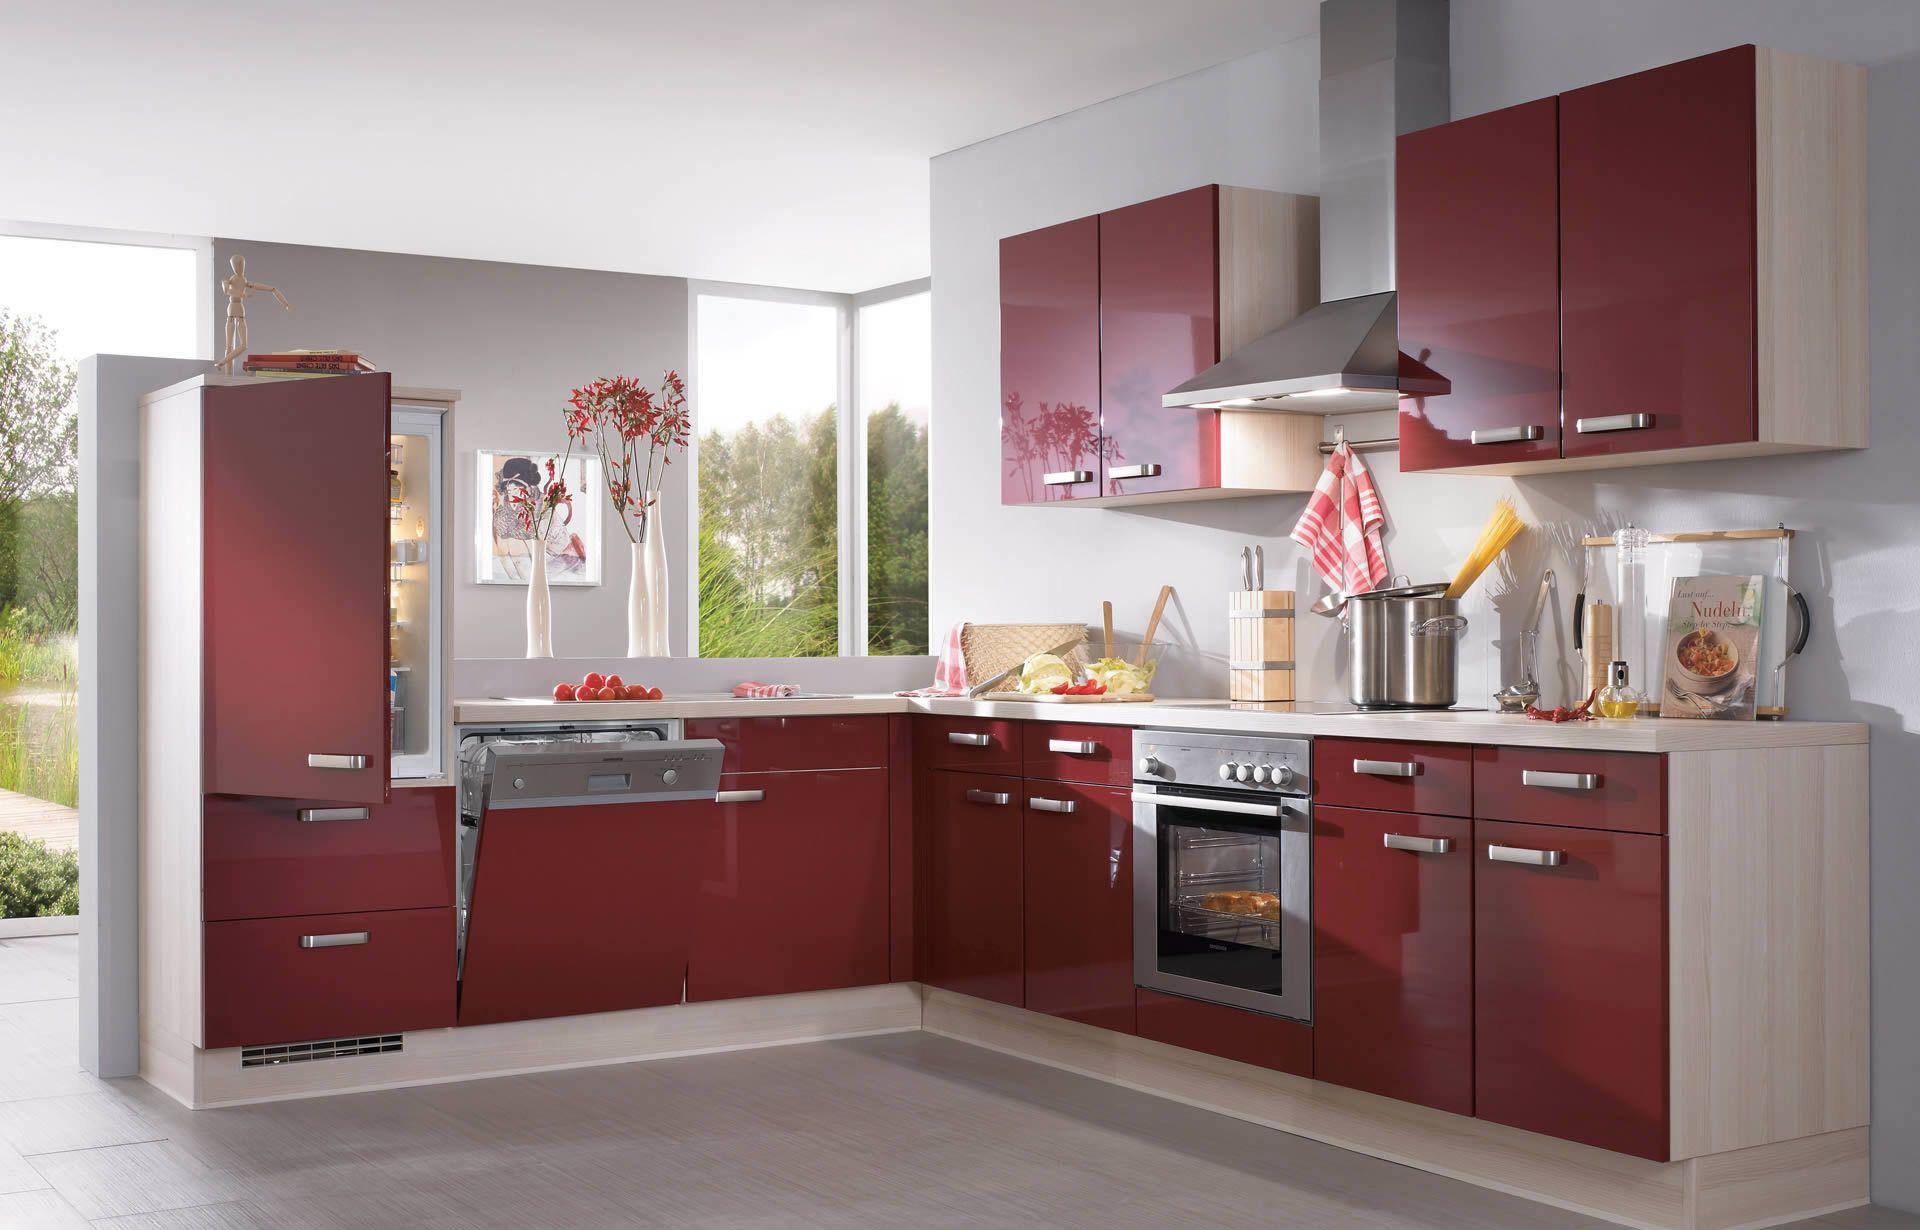 L Küche Rot Küche Nobilia Küchen Küchen Angebote Und Nobilia